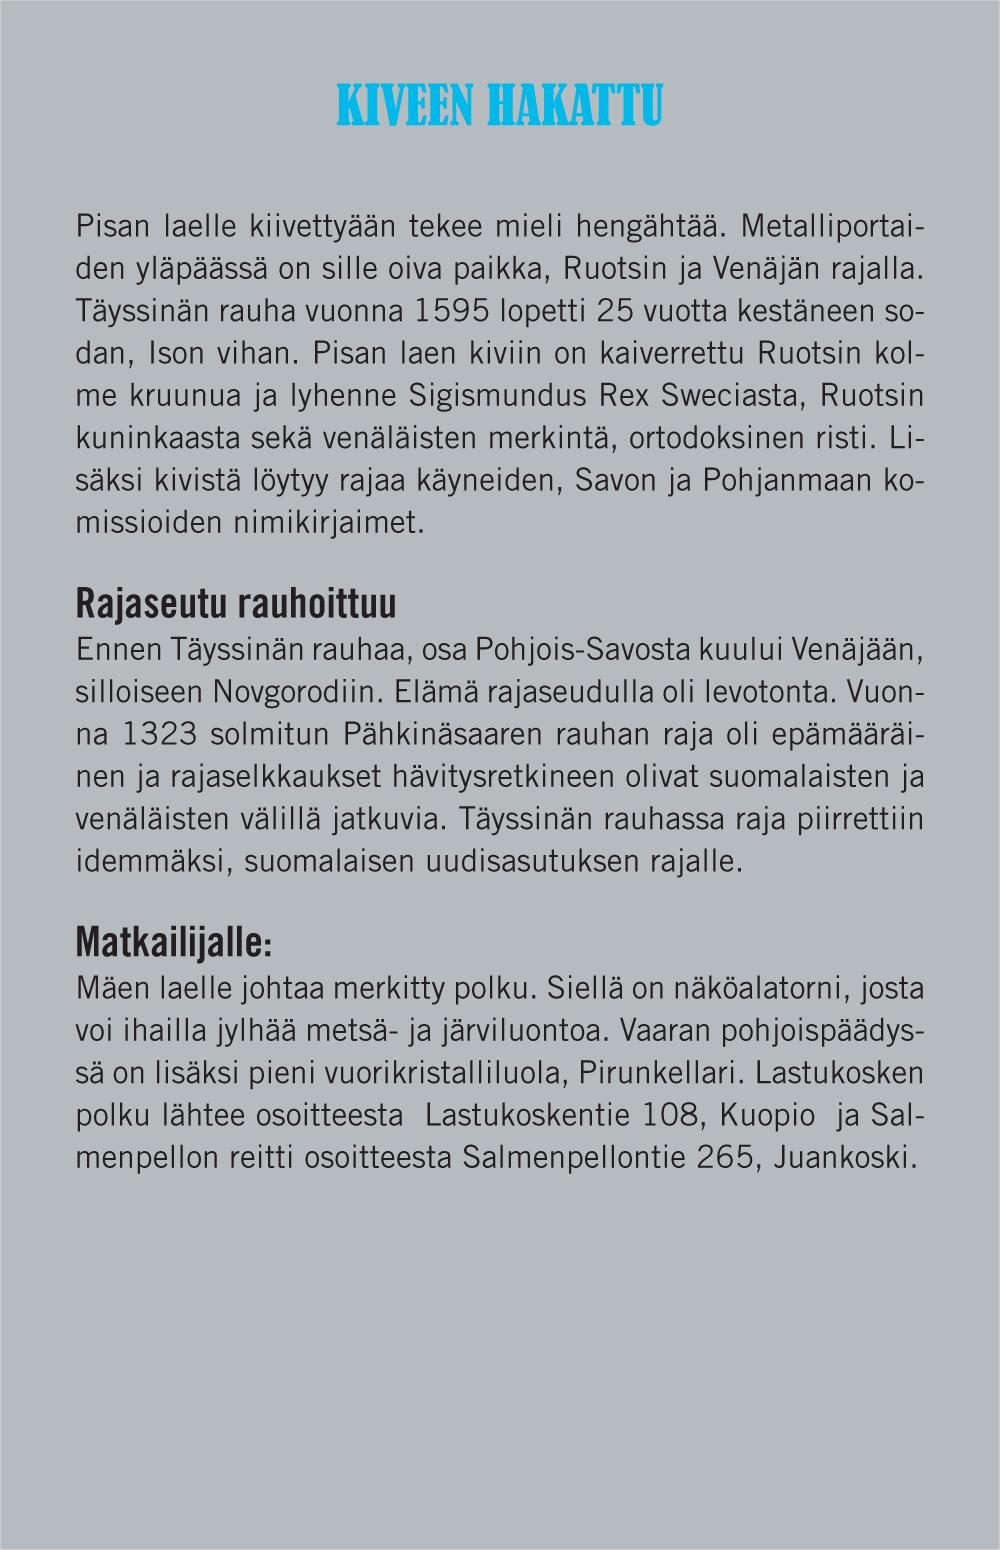 Kiveen hakattu (Otsikko). Pisan laelle kiivettyään tekee mieli hengähtää. Metalliportaiden yläpäässä on sille oiva paikka, Ruotsin ja Venäjän rajalla. Täyssinän rauha vuonna 1595 lopetti 25 vuotta kestäneen sodan, Ison vihan. Pisan laen kiviin on kaiverrettu Ruotsin kolme kruunua ja lyhenne Sigismundus Rex Sweciasta, Ruotsin kuninkaasta sekä venäläisten merkintä, ortodoksinen risti. Lisäksi kivistä löytyy rajaa käyneiden, Savon ja Pohjanmaan komissioiden nimikirjaimet. Rajaseutu rauhoittuu (Väliotsikko). Ennen Täyssinän rauhaa, osa Pohjois-Savosta kuului Venäjään, silloiseen Novgorodiin. Elämä rajaseudulla oli levotonta. Vuonna 1323 solmitun Pähkinäsaaren rauhan raja oli epämääräinen ja rajaselkkaukset hävitysretkineen olivat suomalaisten ja venäläisten välillä jatkuvia. Täyssinän rauhassa raja piirrettiin idemmäksi, suomalaisen uudisasutuksen rajalle. Matkailijalle(Väliotsikko): Mäen laelle johtaa merkitty polku. Siellä on näköalatorni, josta voi ihailla jylhää metsä- ja järviluontoa. Vaaran pohjoispäädyssä on lisäksi pieni vuorikristalliluola, Pirunkellari. Lastukosken polku lähtee osoitteesta Lastukoskentie 108, Kuopio ja Salmenpellon reitti osoitteesta Salmenpellontie 265, Juankoski.